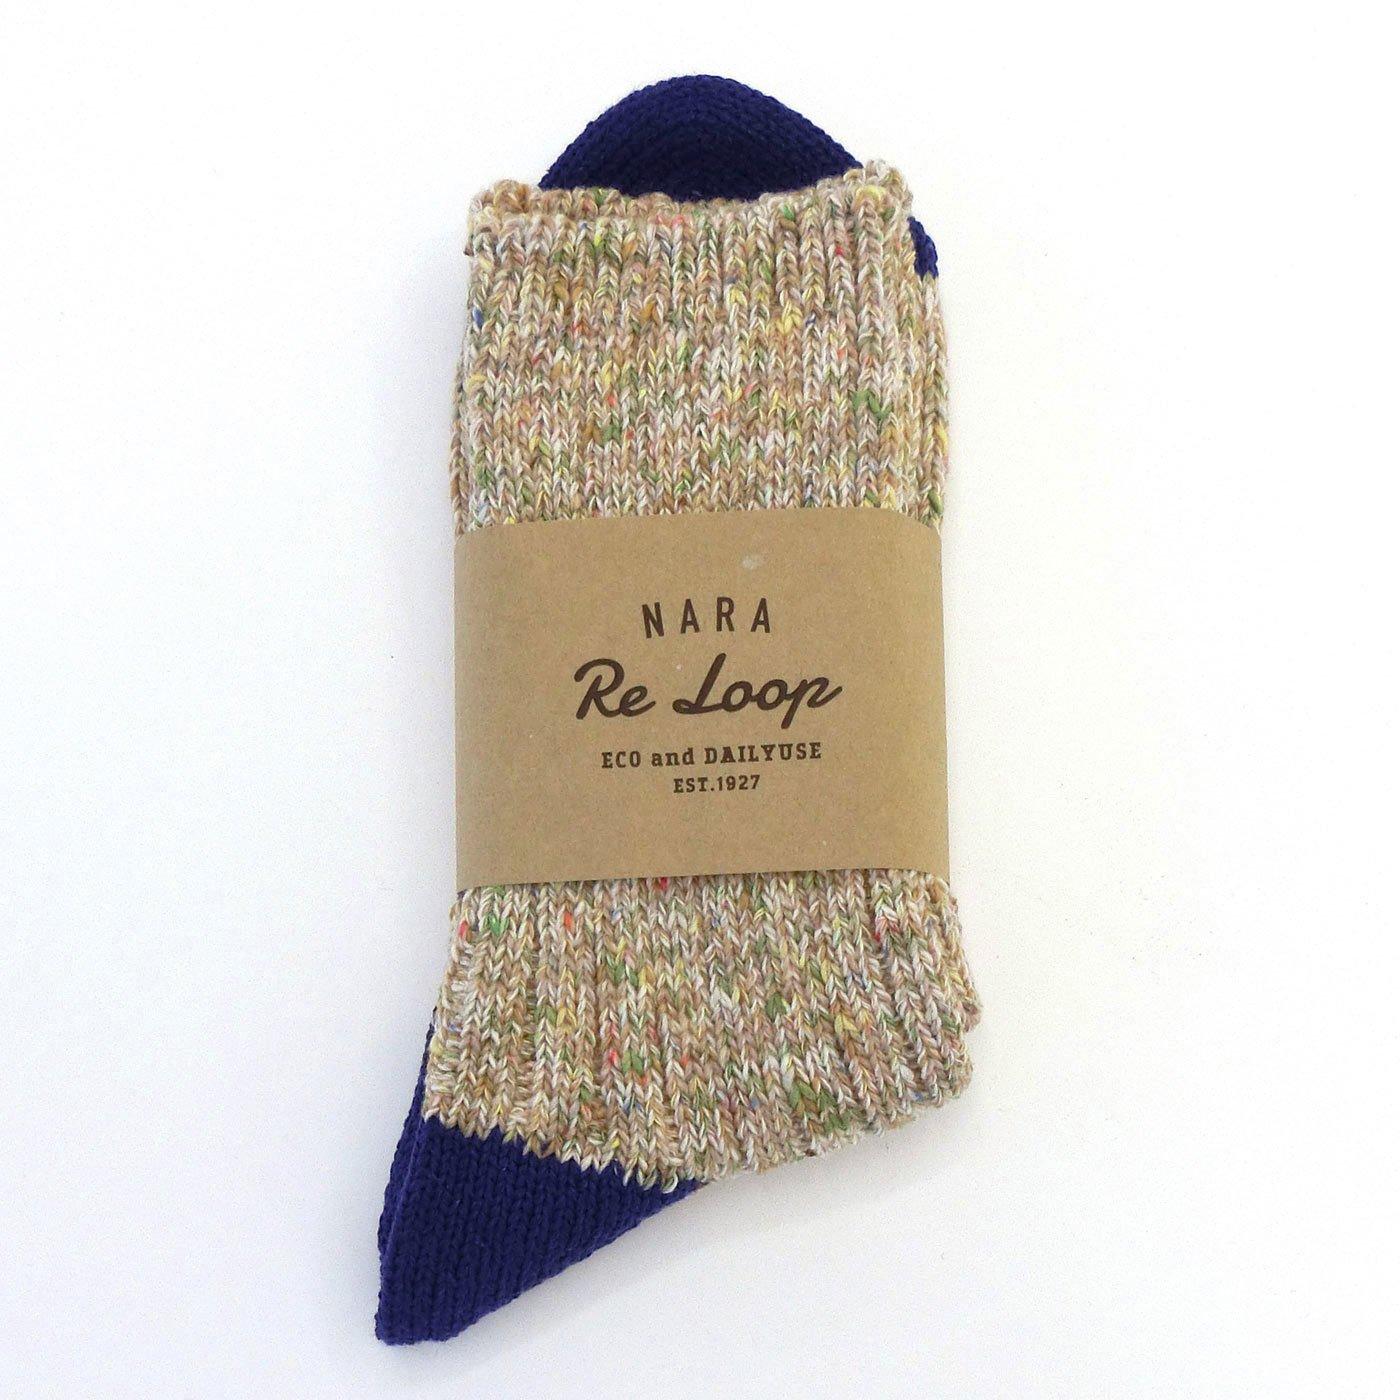 ミックス糸をふっくら編み上げた 表情豊かなウール混ソックス〈ベージュ〉